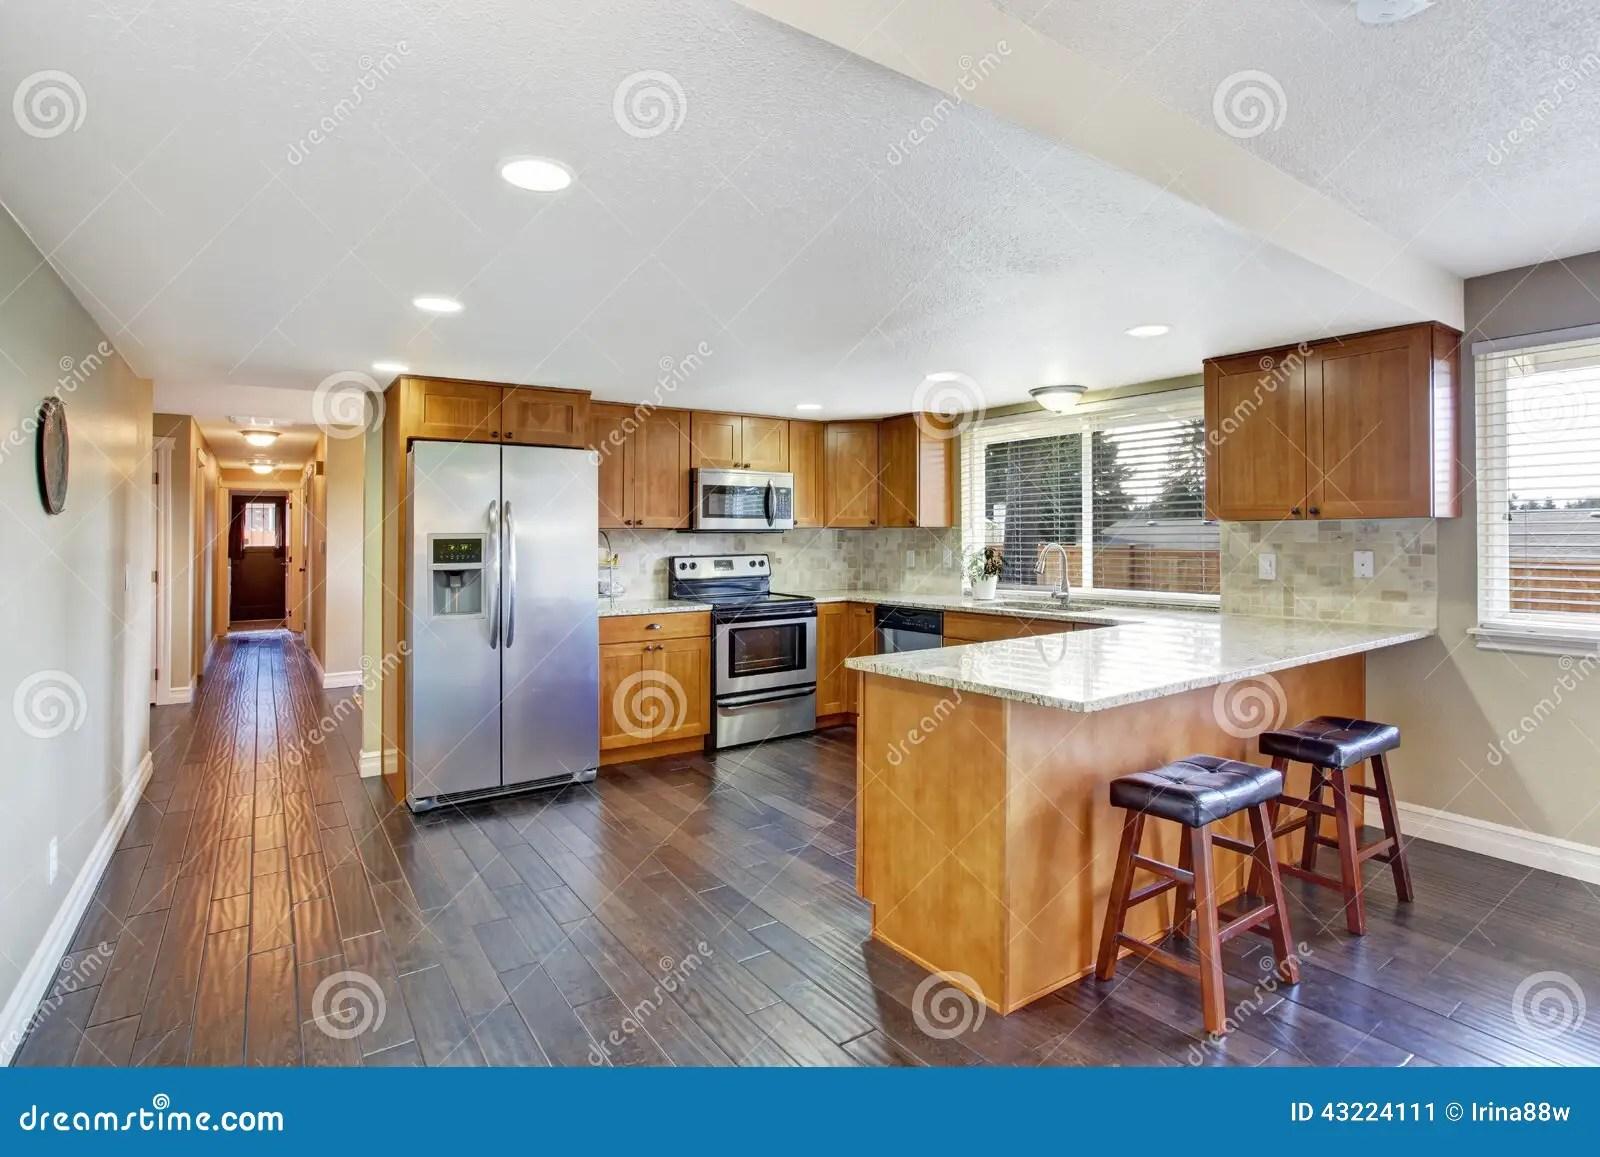 red kitchen chairs gray table and 椅子门入口房子内部现代红色厨房室和长的走廊库存图片 图片包括有内部 椅子门入口房子内部现代红色厨房室和长的走廊